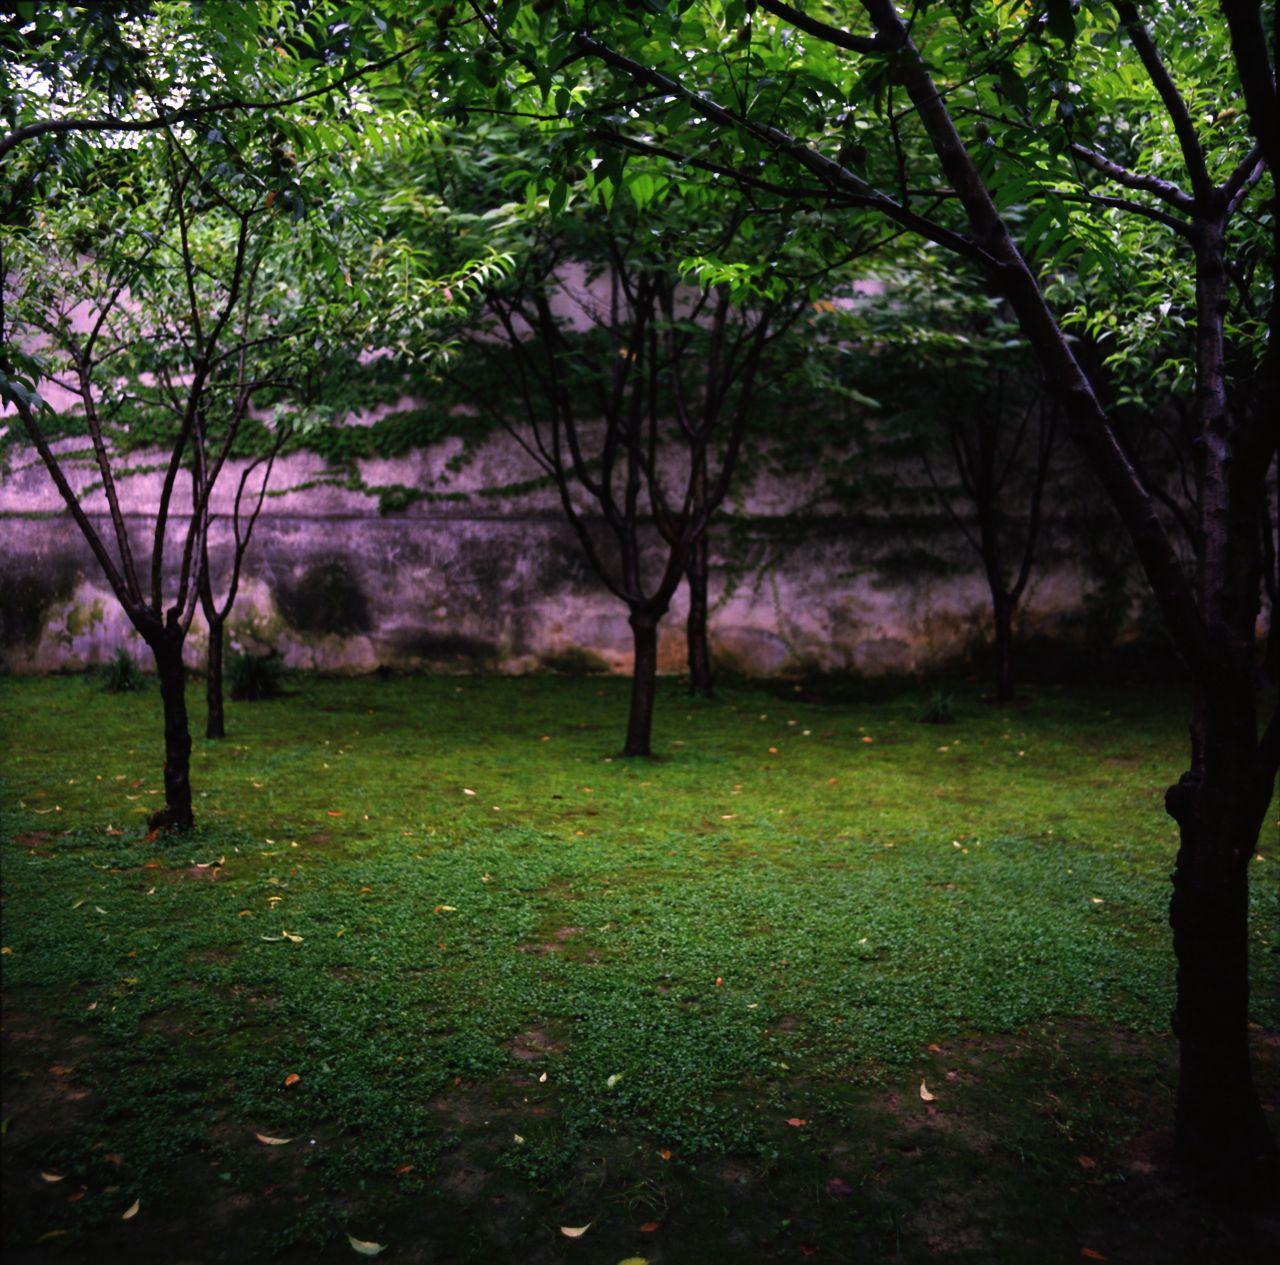 蘇州留園 / Lu Garden, Suzhou, China, July 2014